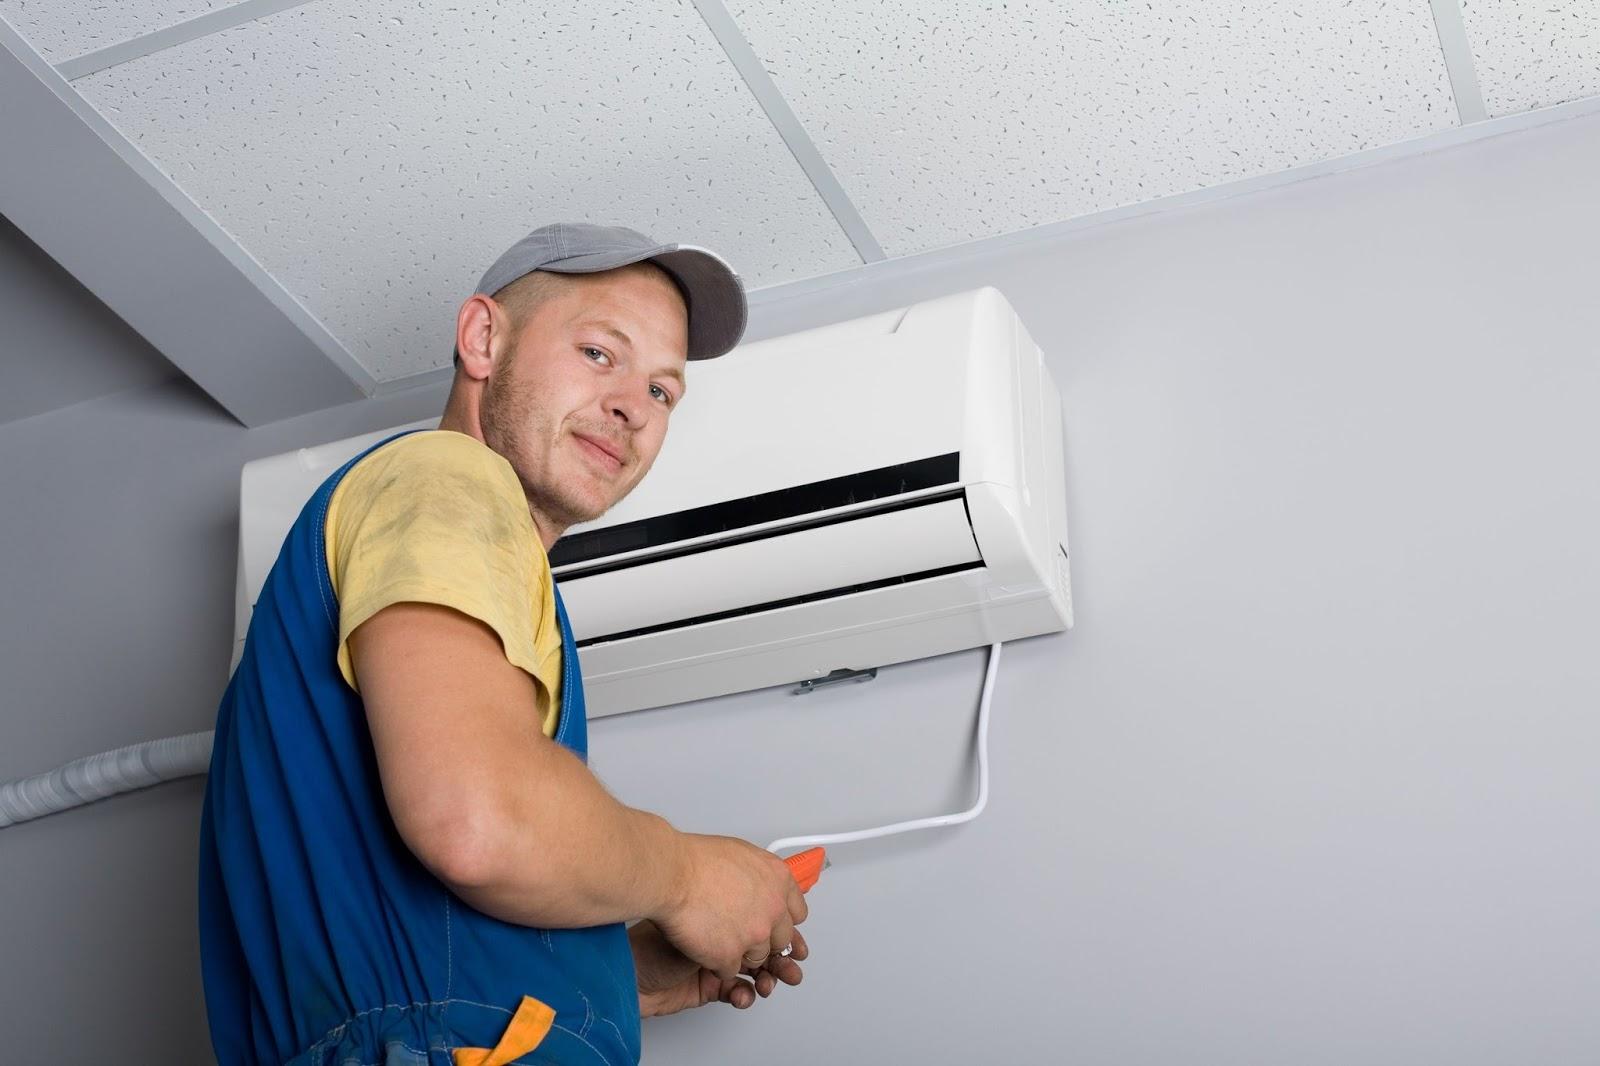 Trung tâm bảo trì điện lạnh luôn hướng tới lợi ích khách hàng